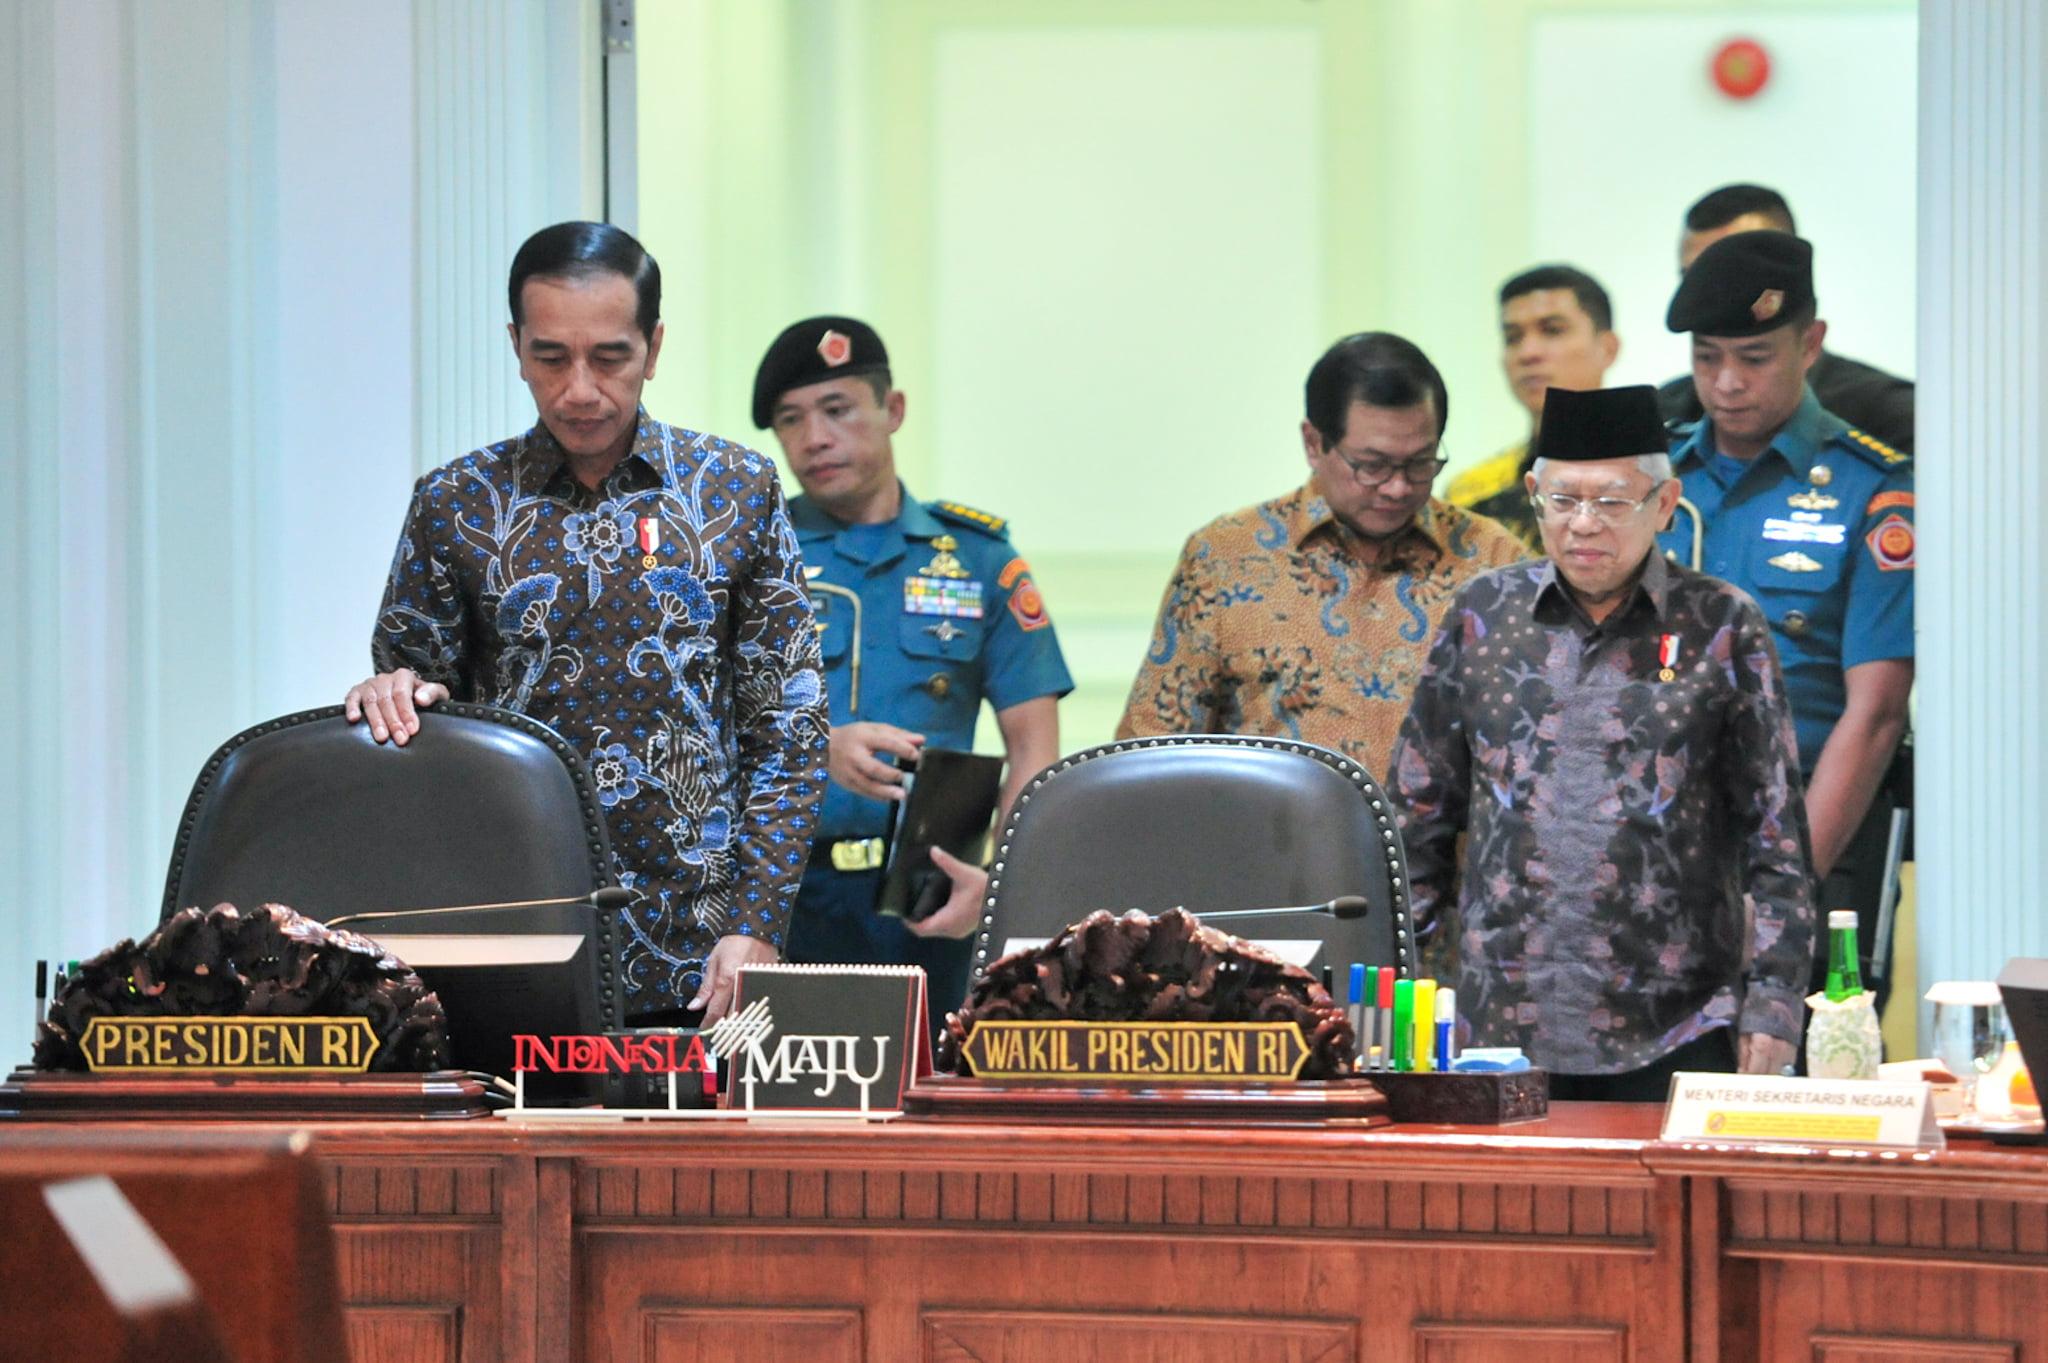 Presiden Jokowi:  Jumlah Kasus Naik Signifikan, Kekerasan Pada Anak Merupakan Fenomena Gunung Es 101